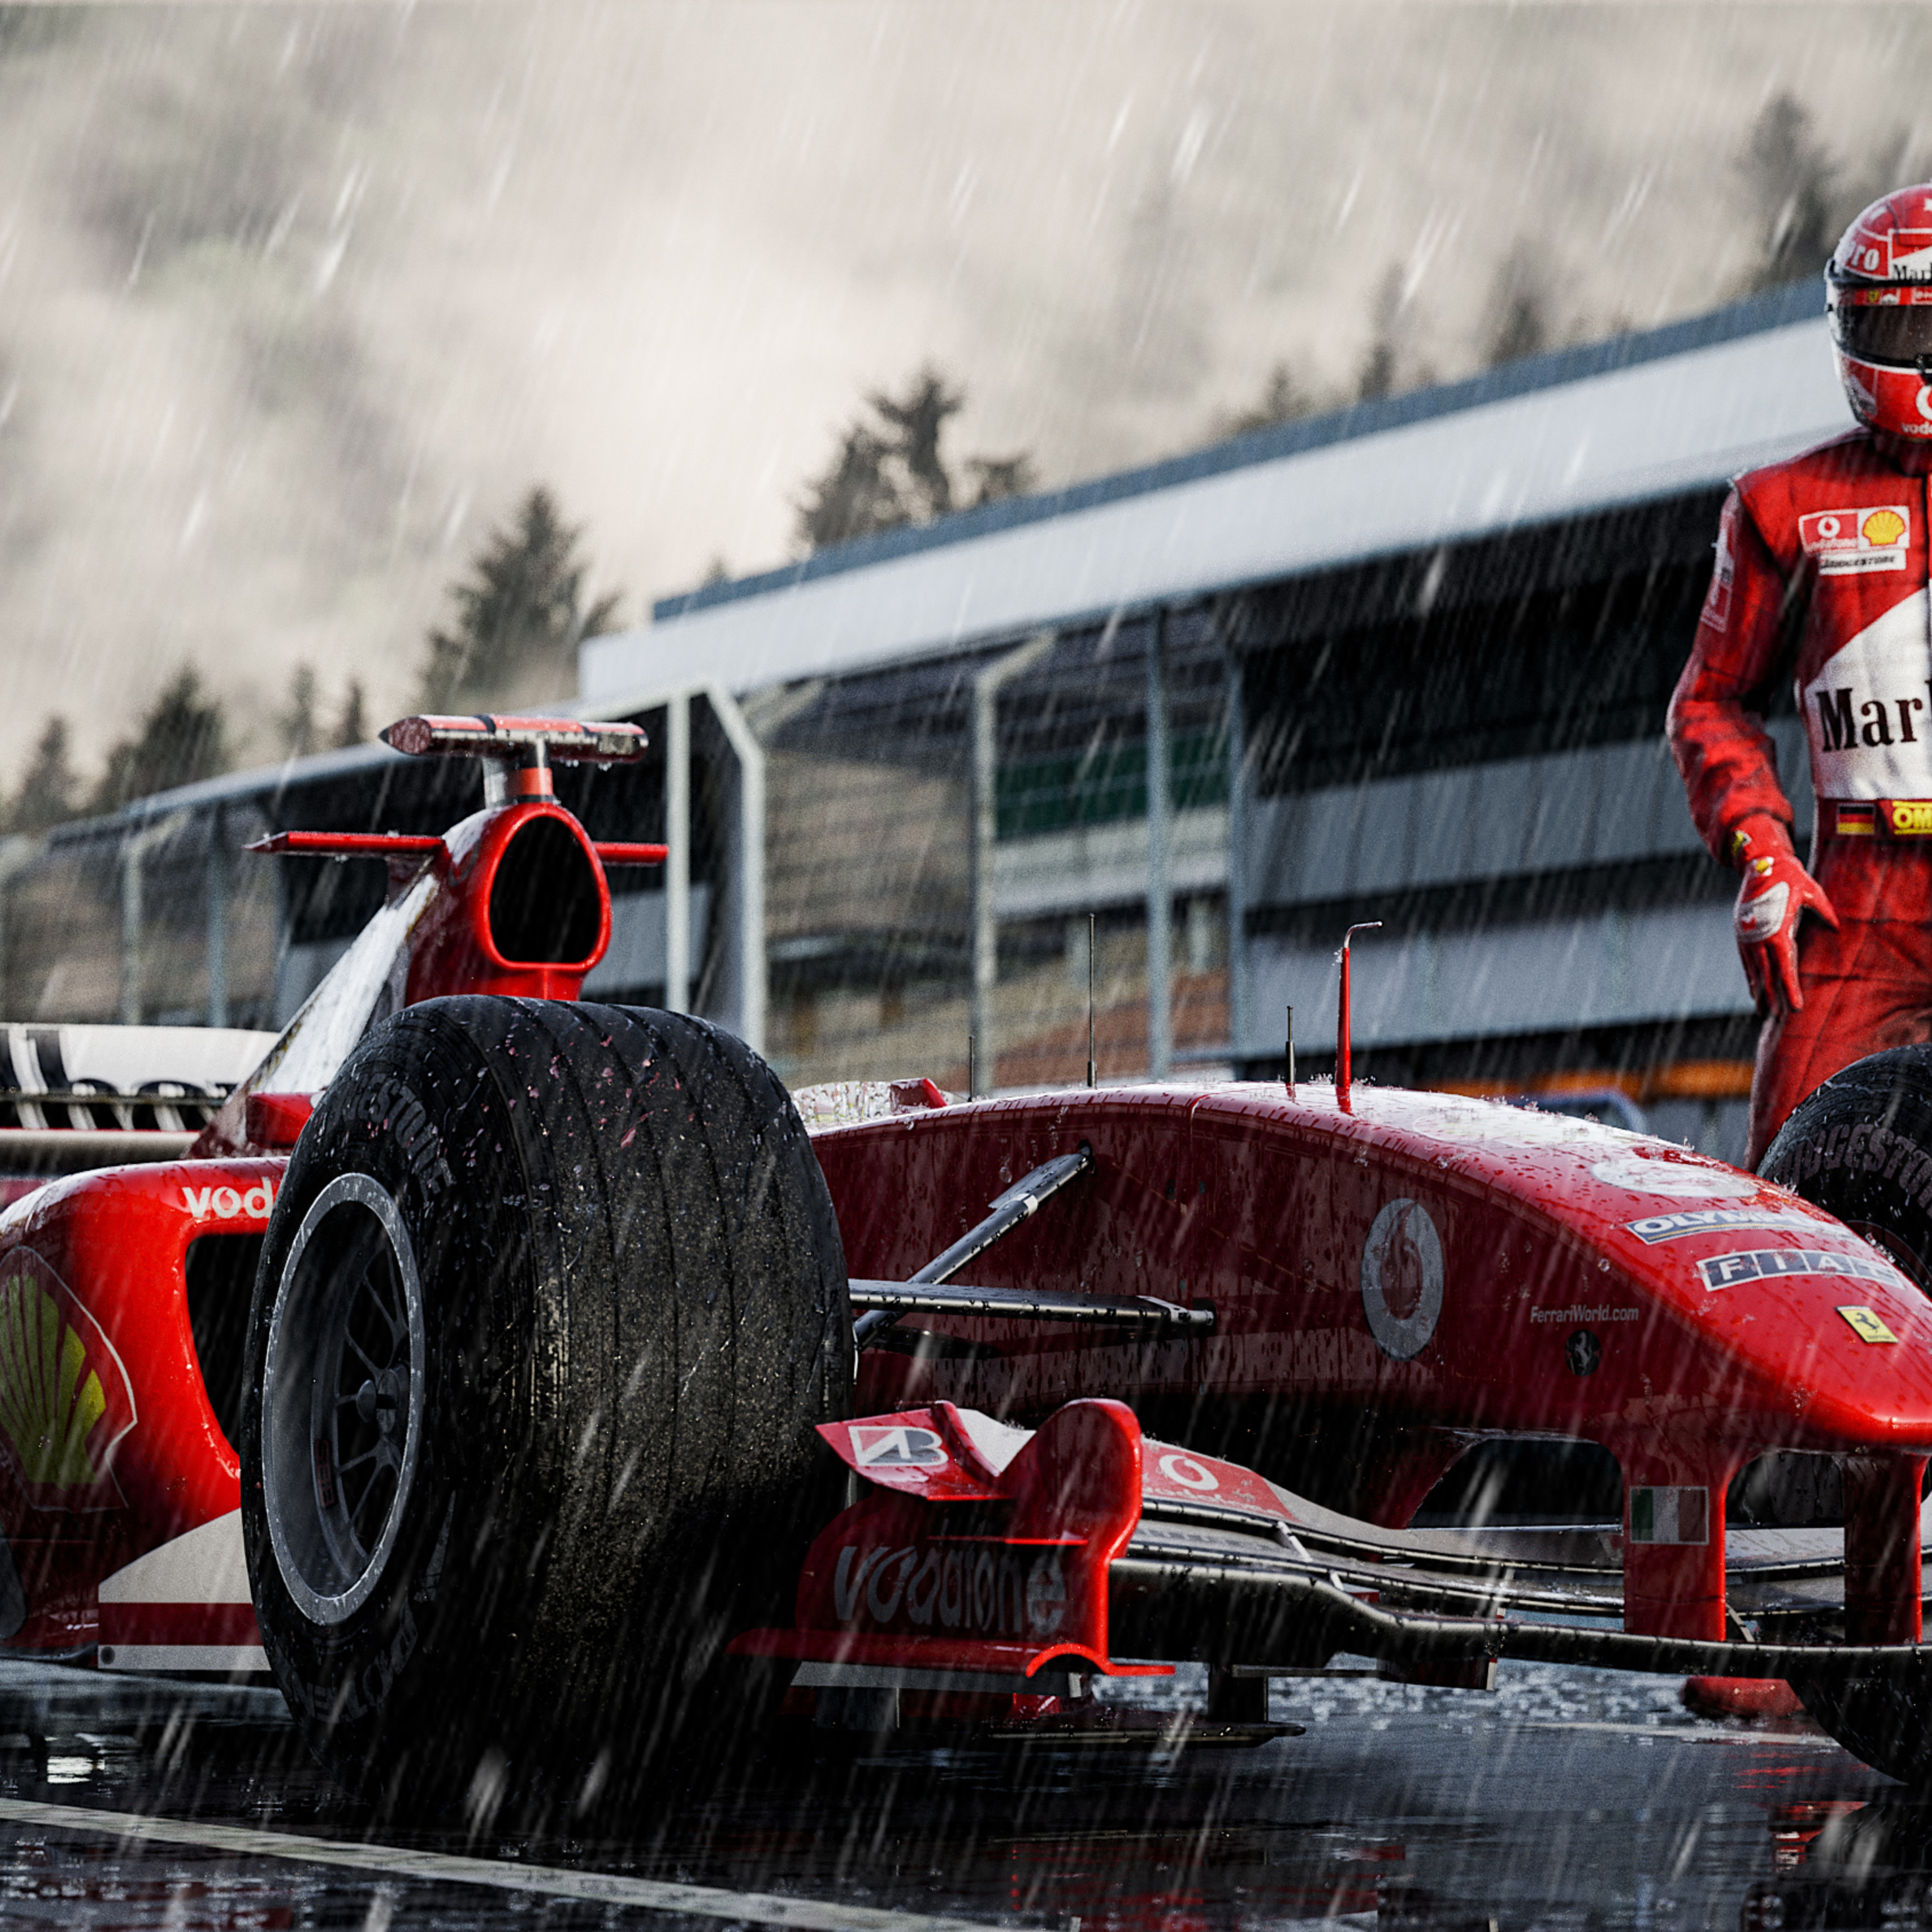 2932x2932 Ferrari F2004 Michael Schumacher Ipad Pro Retina ...